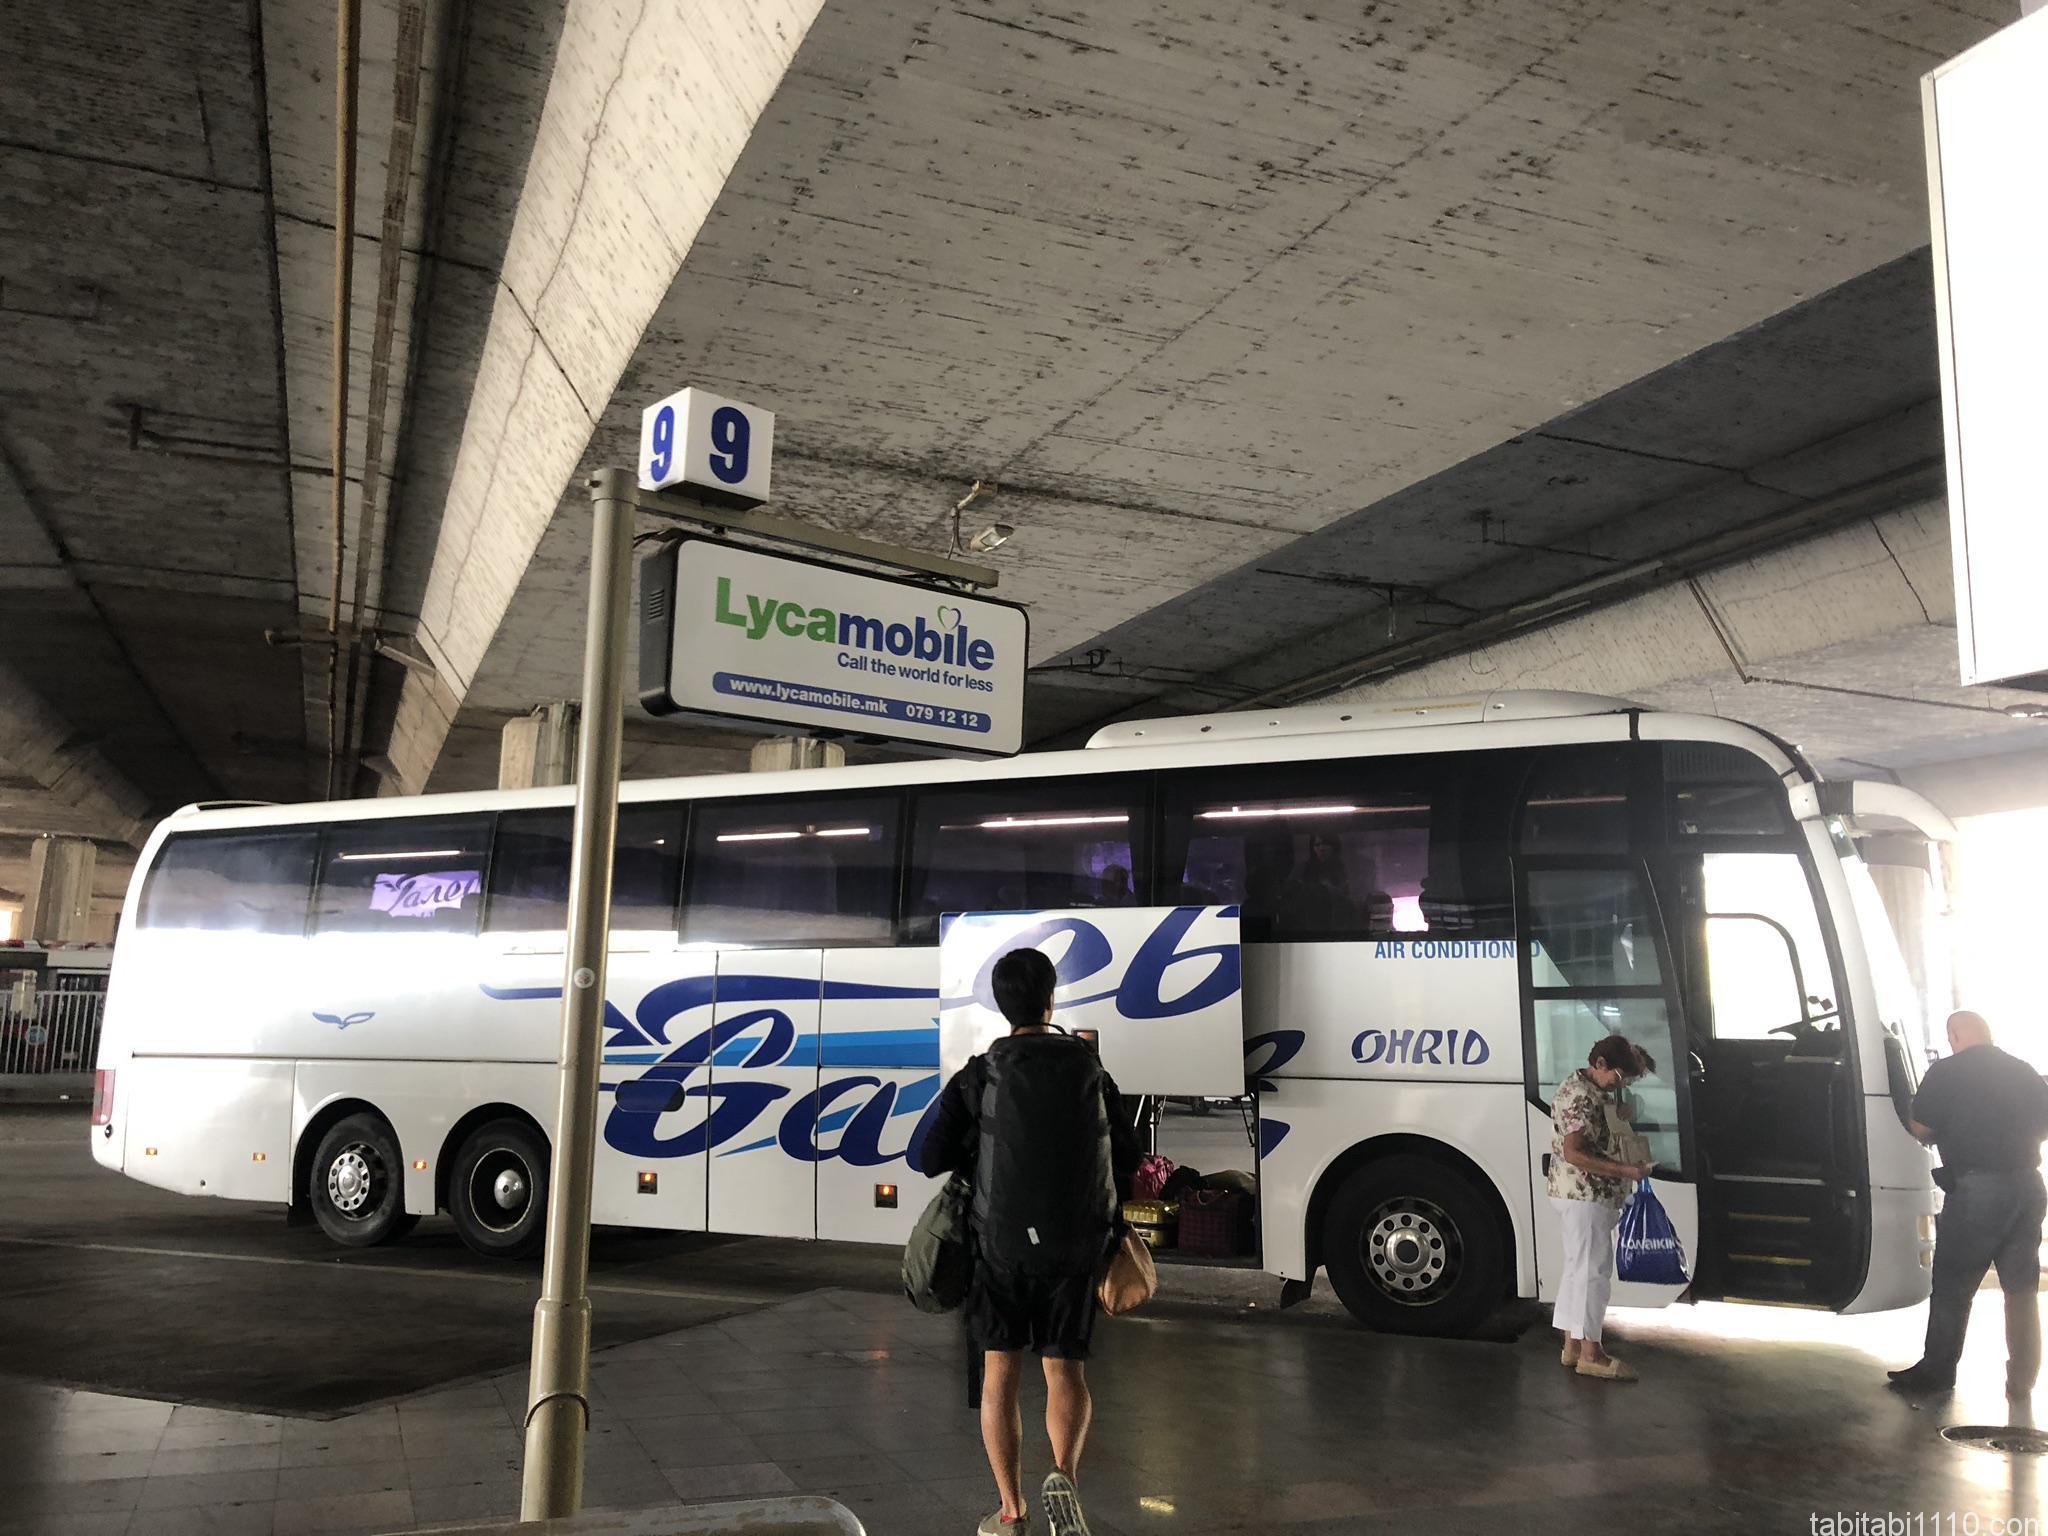 スコピエからオフリド|バス